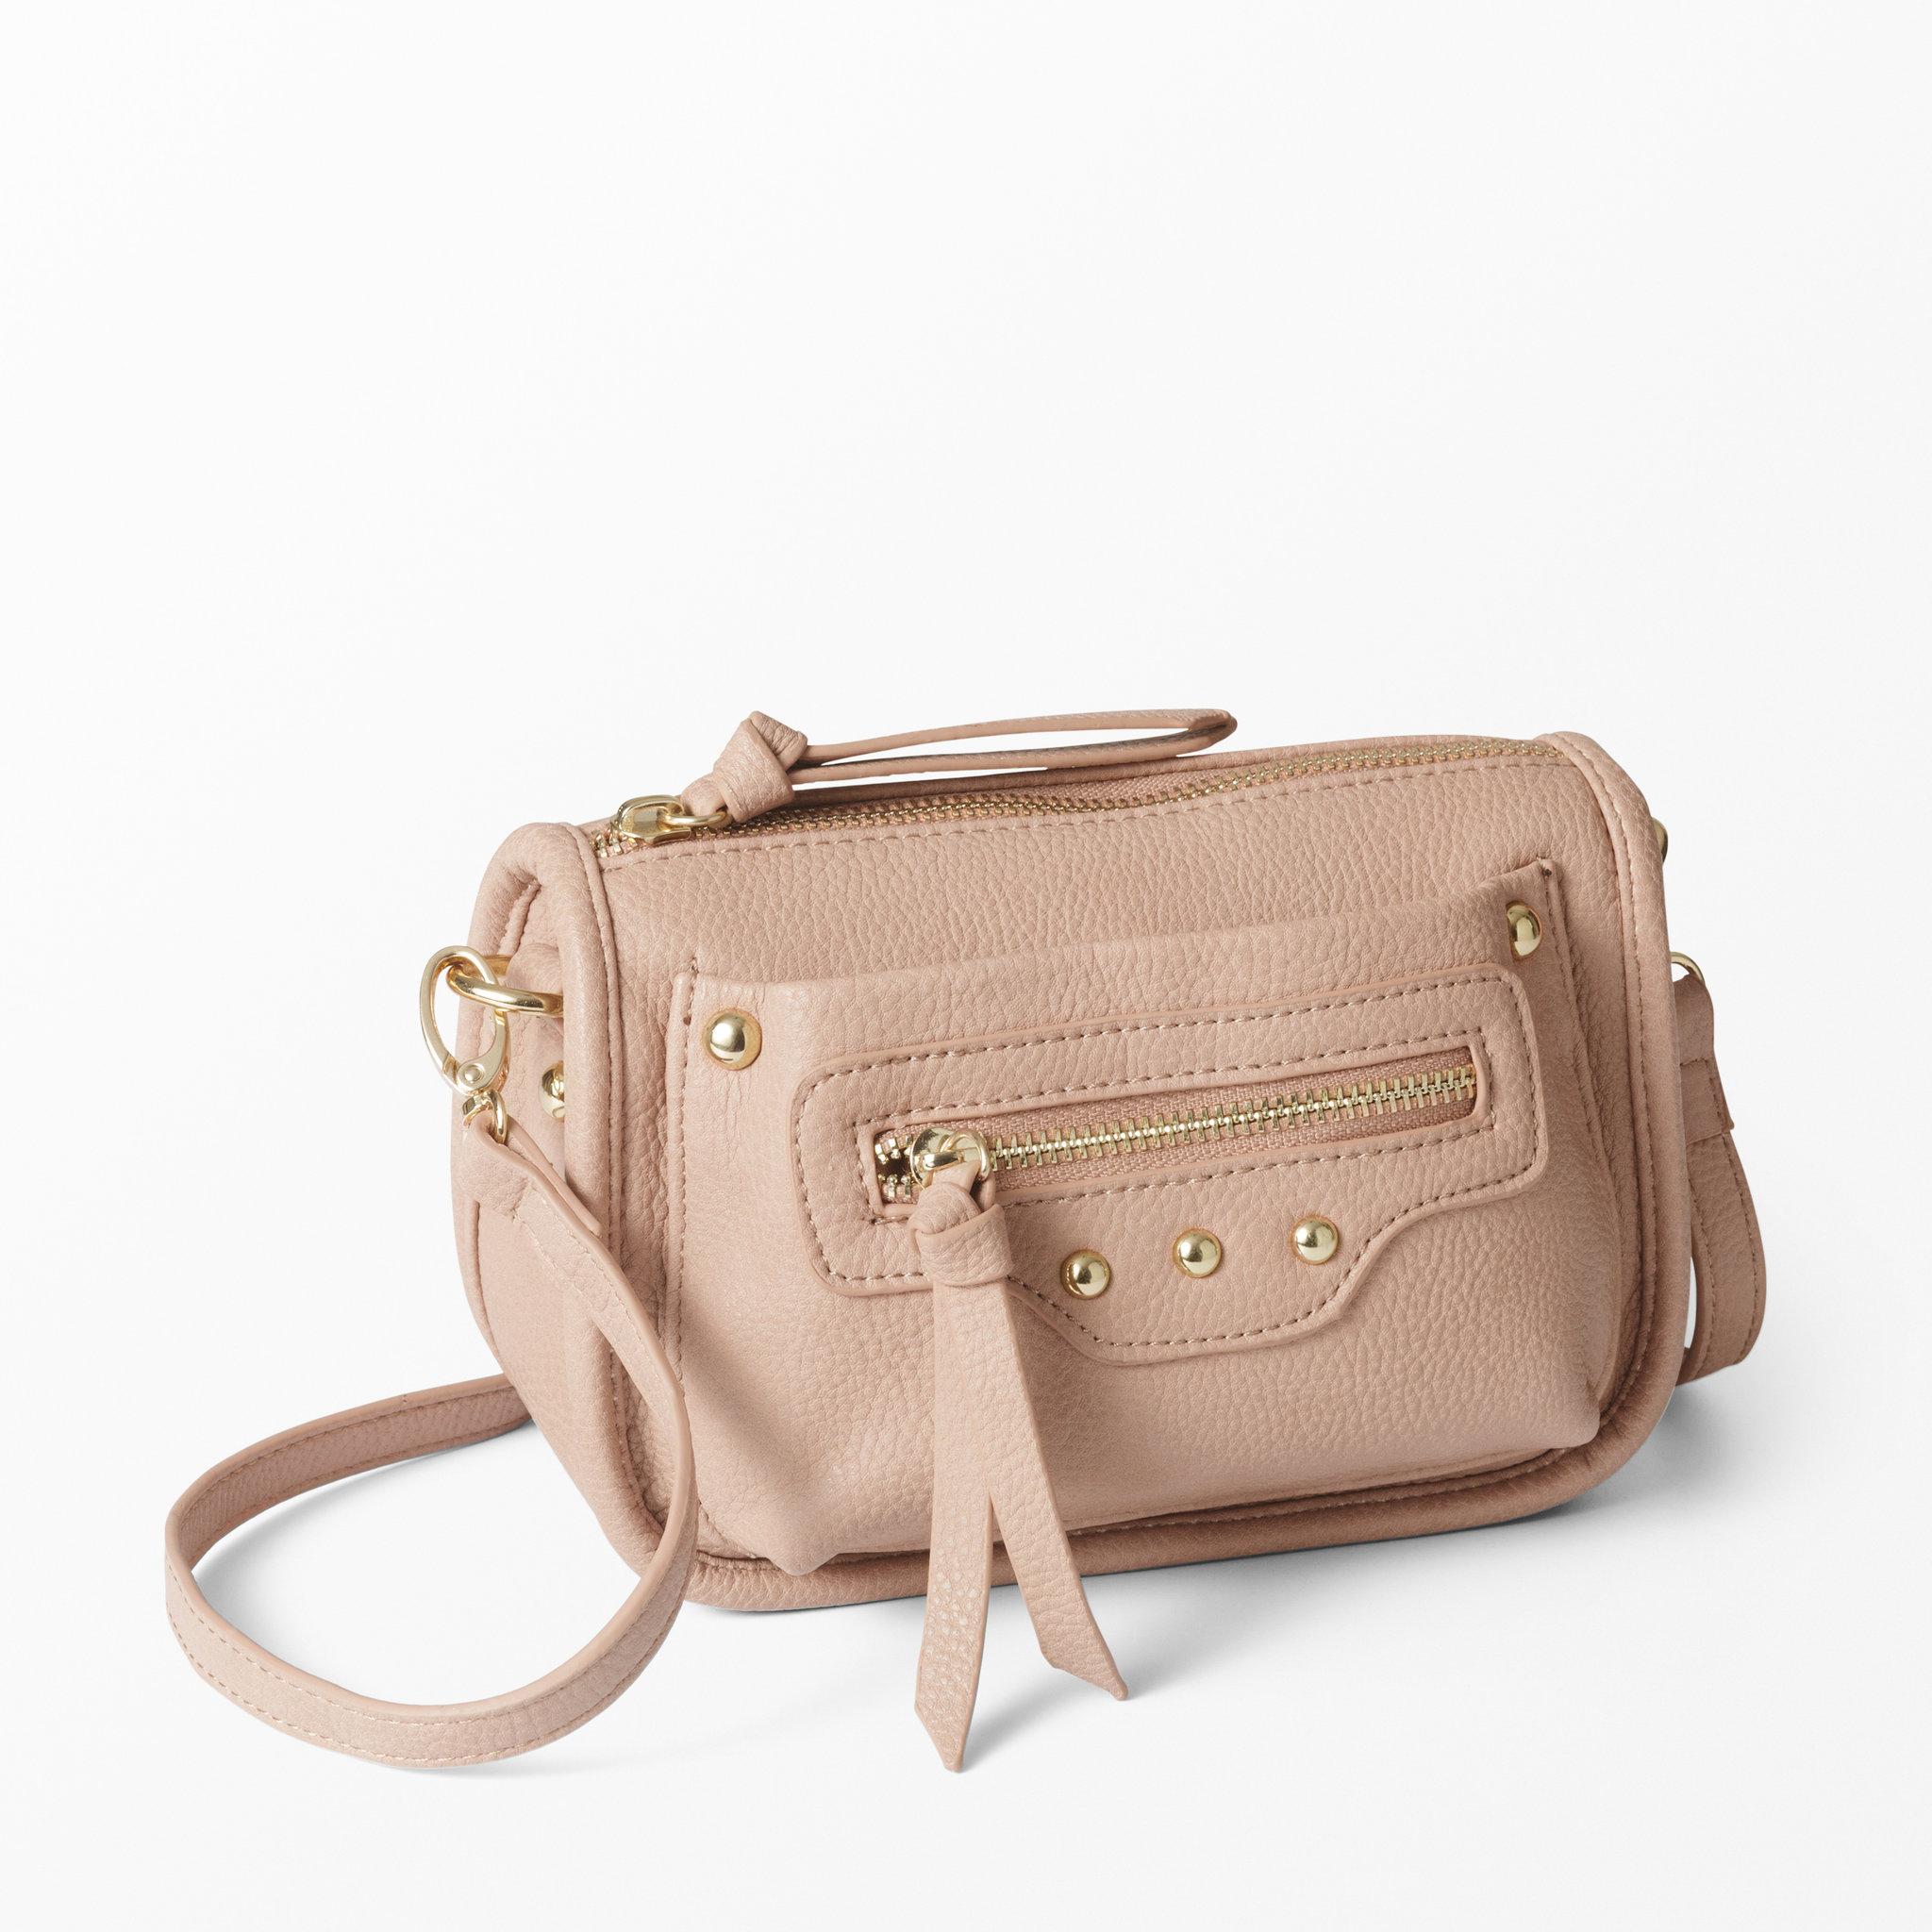 Handväska med gulddetaljer   handväskor  köp online på åhlens.se!